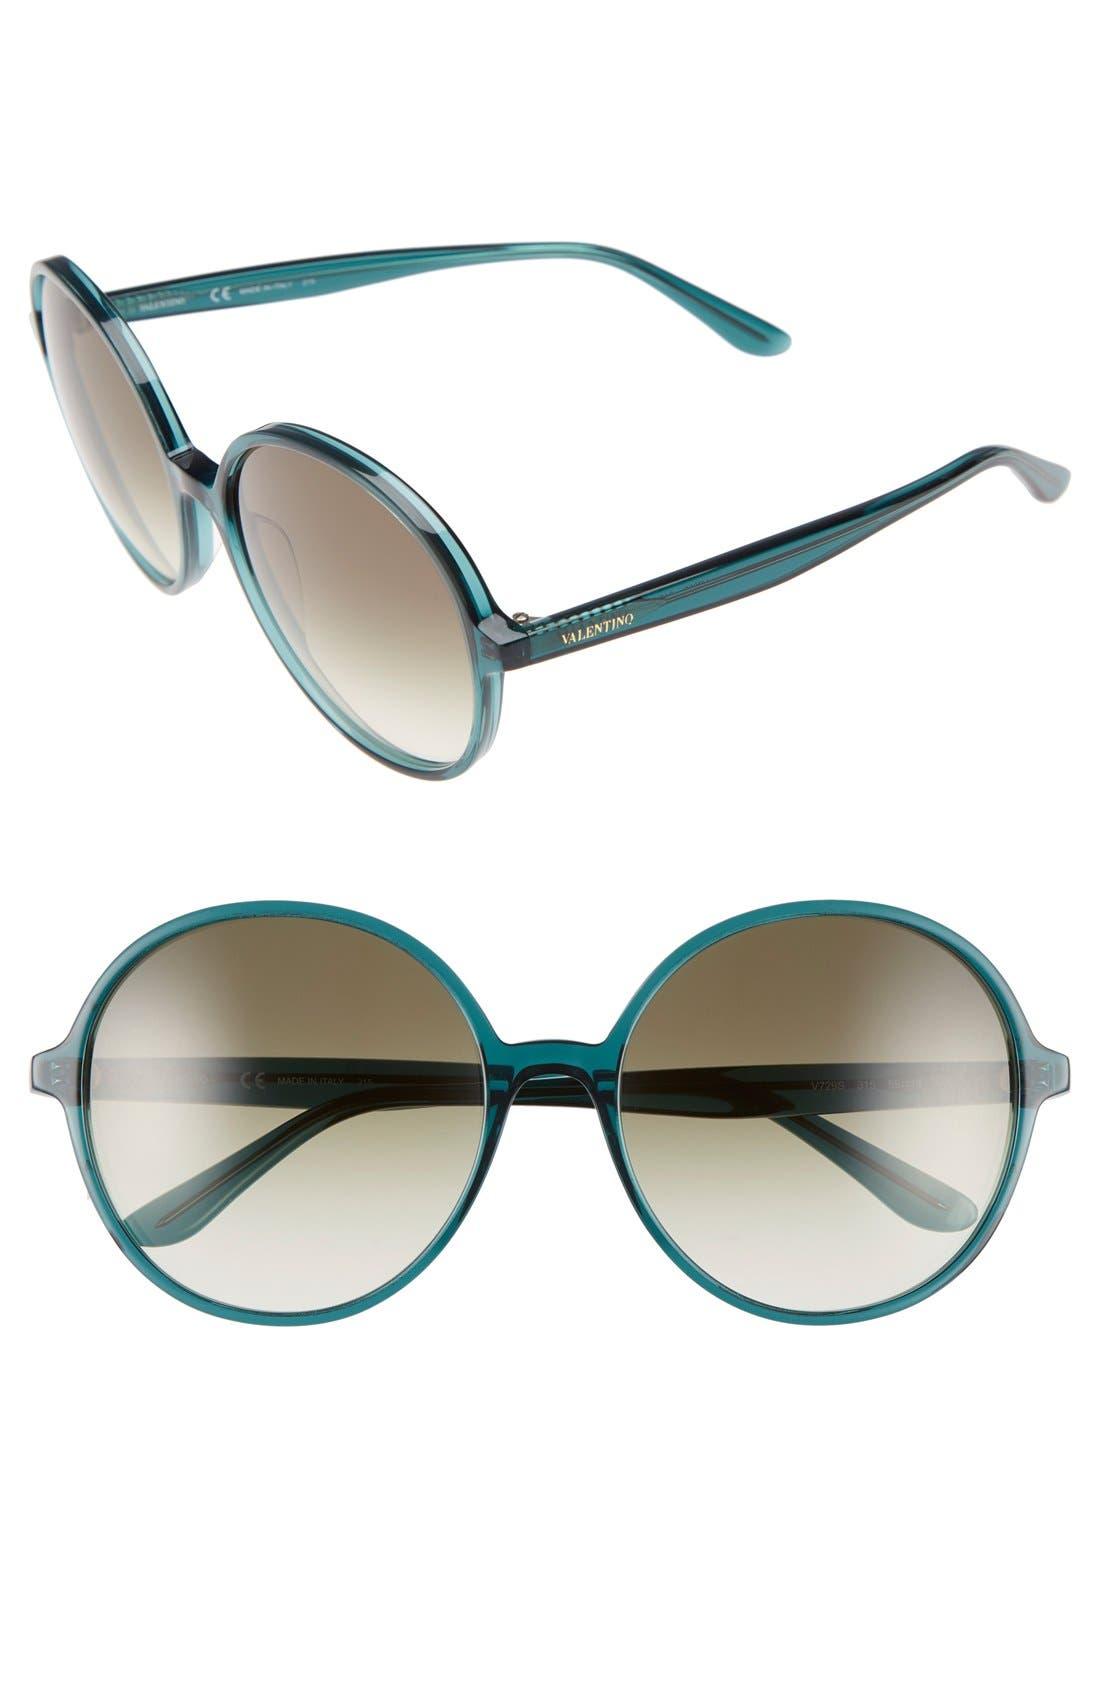 Main Image - Valentino 59mm Round Sunglasses